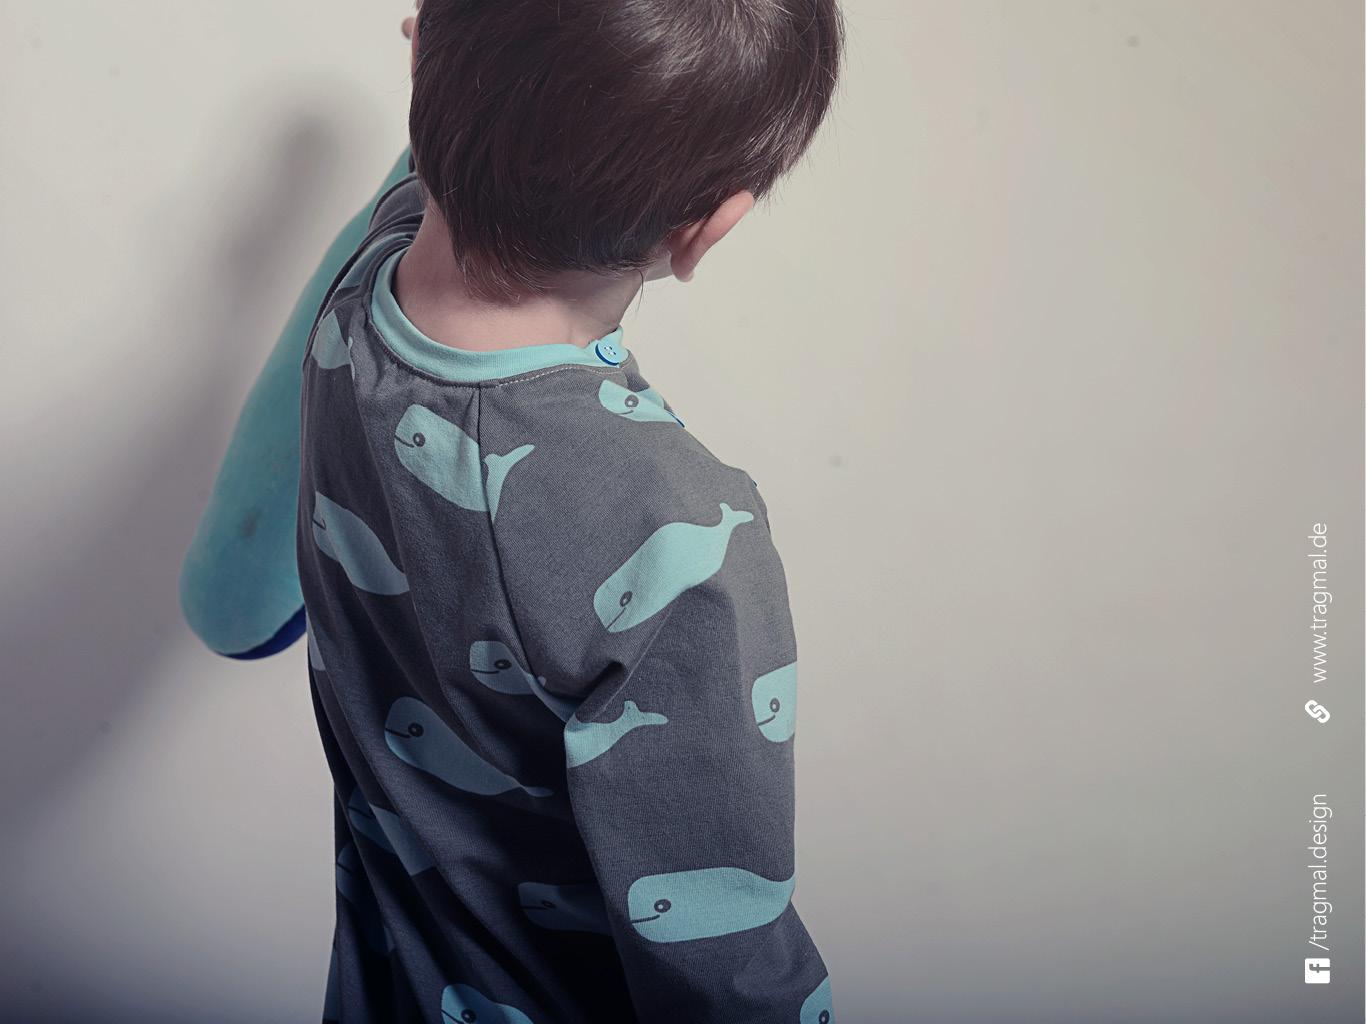 tragmal-wale-shirt-jungen